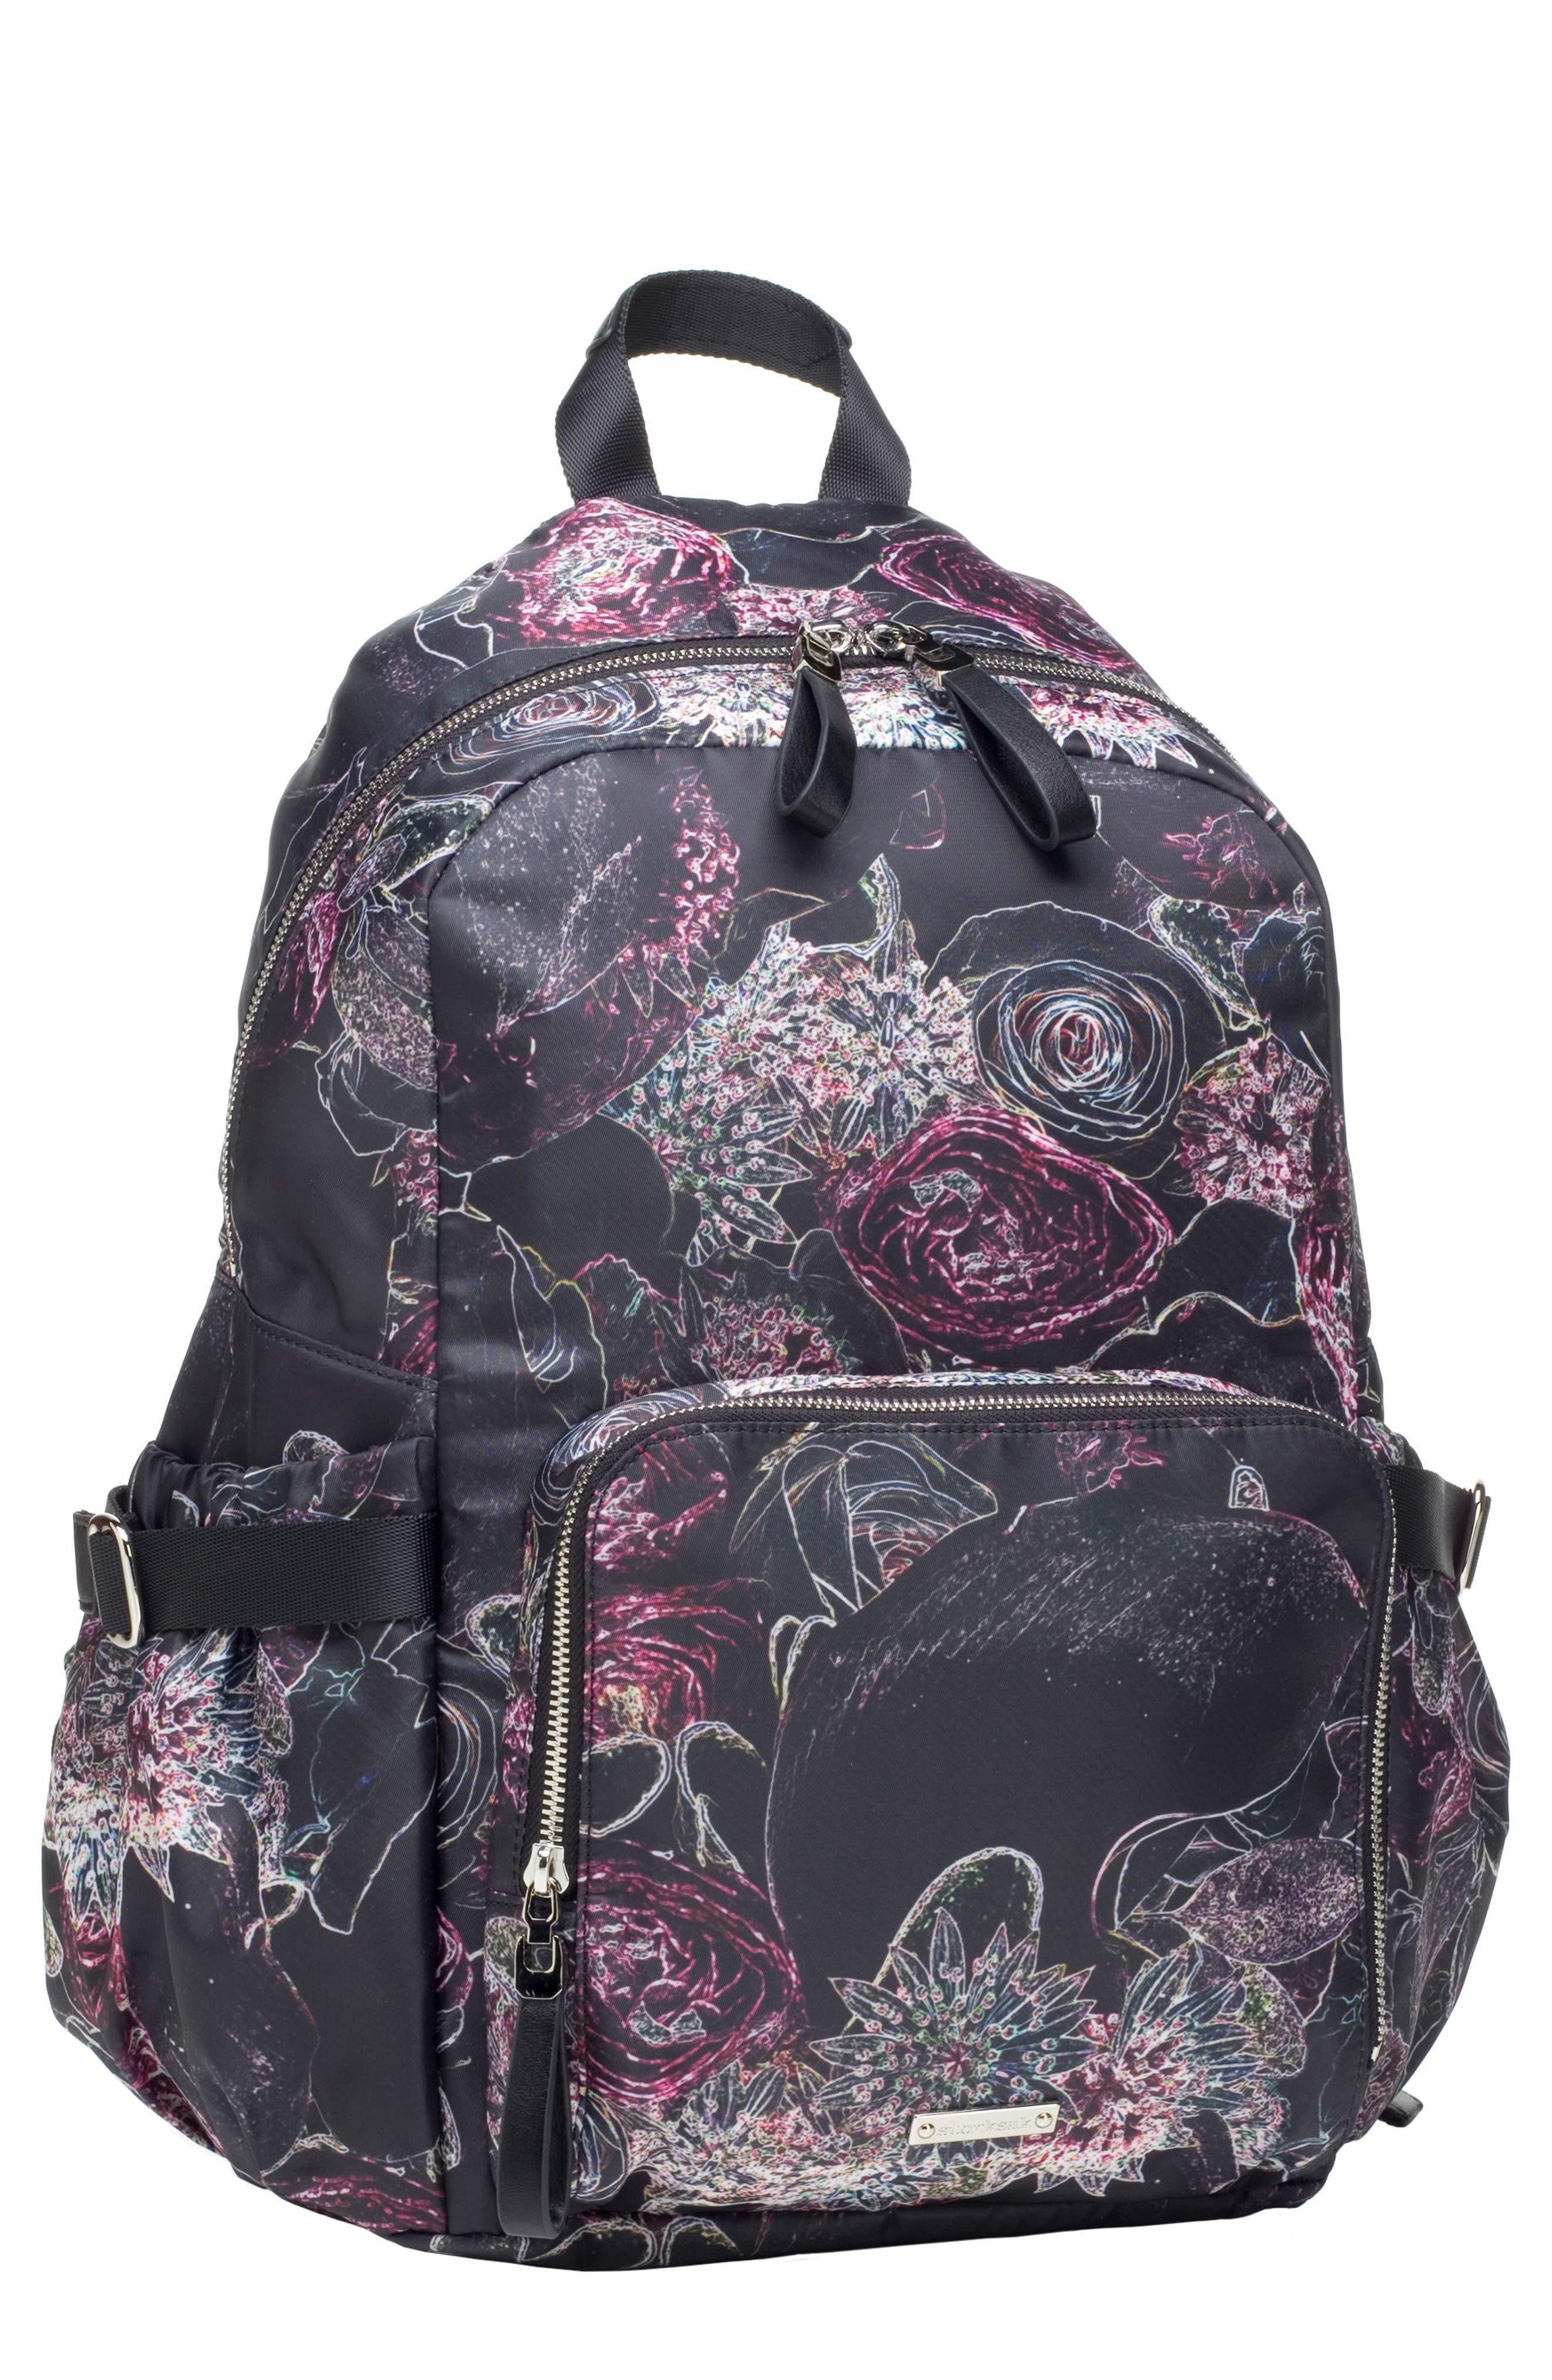 Hero Water Resistant Nylon Backpack Diaper Bag,                             Main thumbnail 1, color,                             Neon Floral